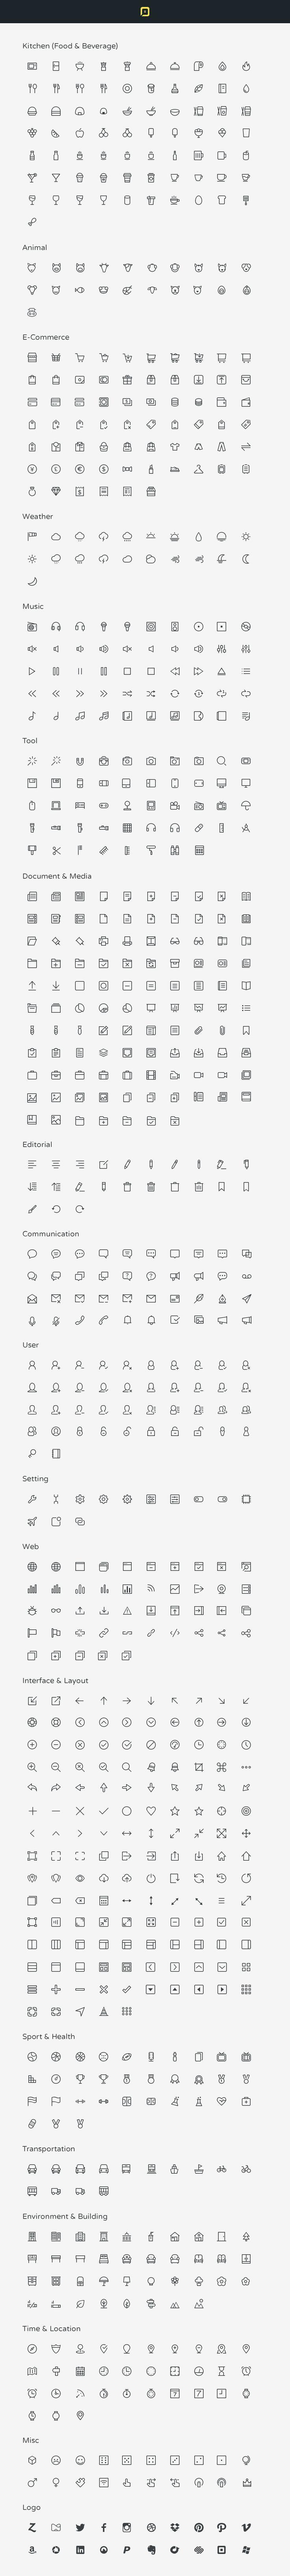 Me gustan los simbolos de escribir